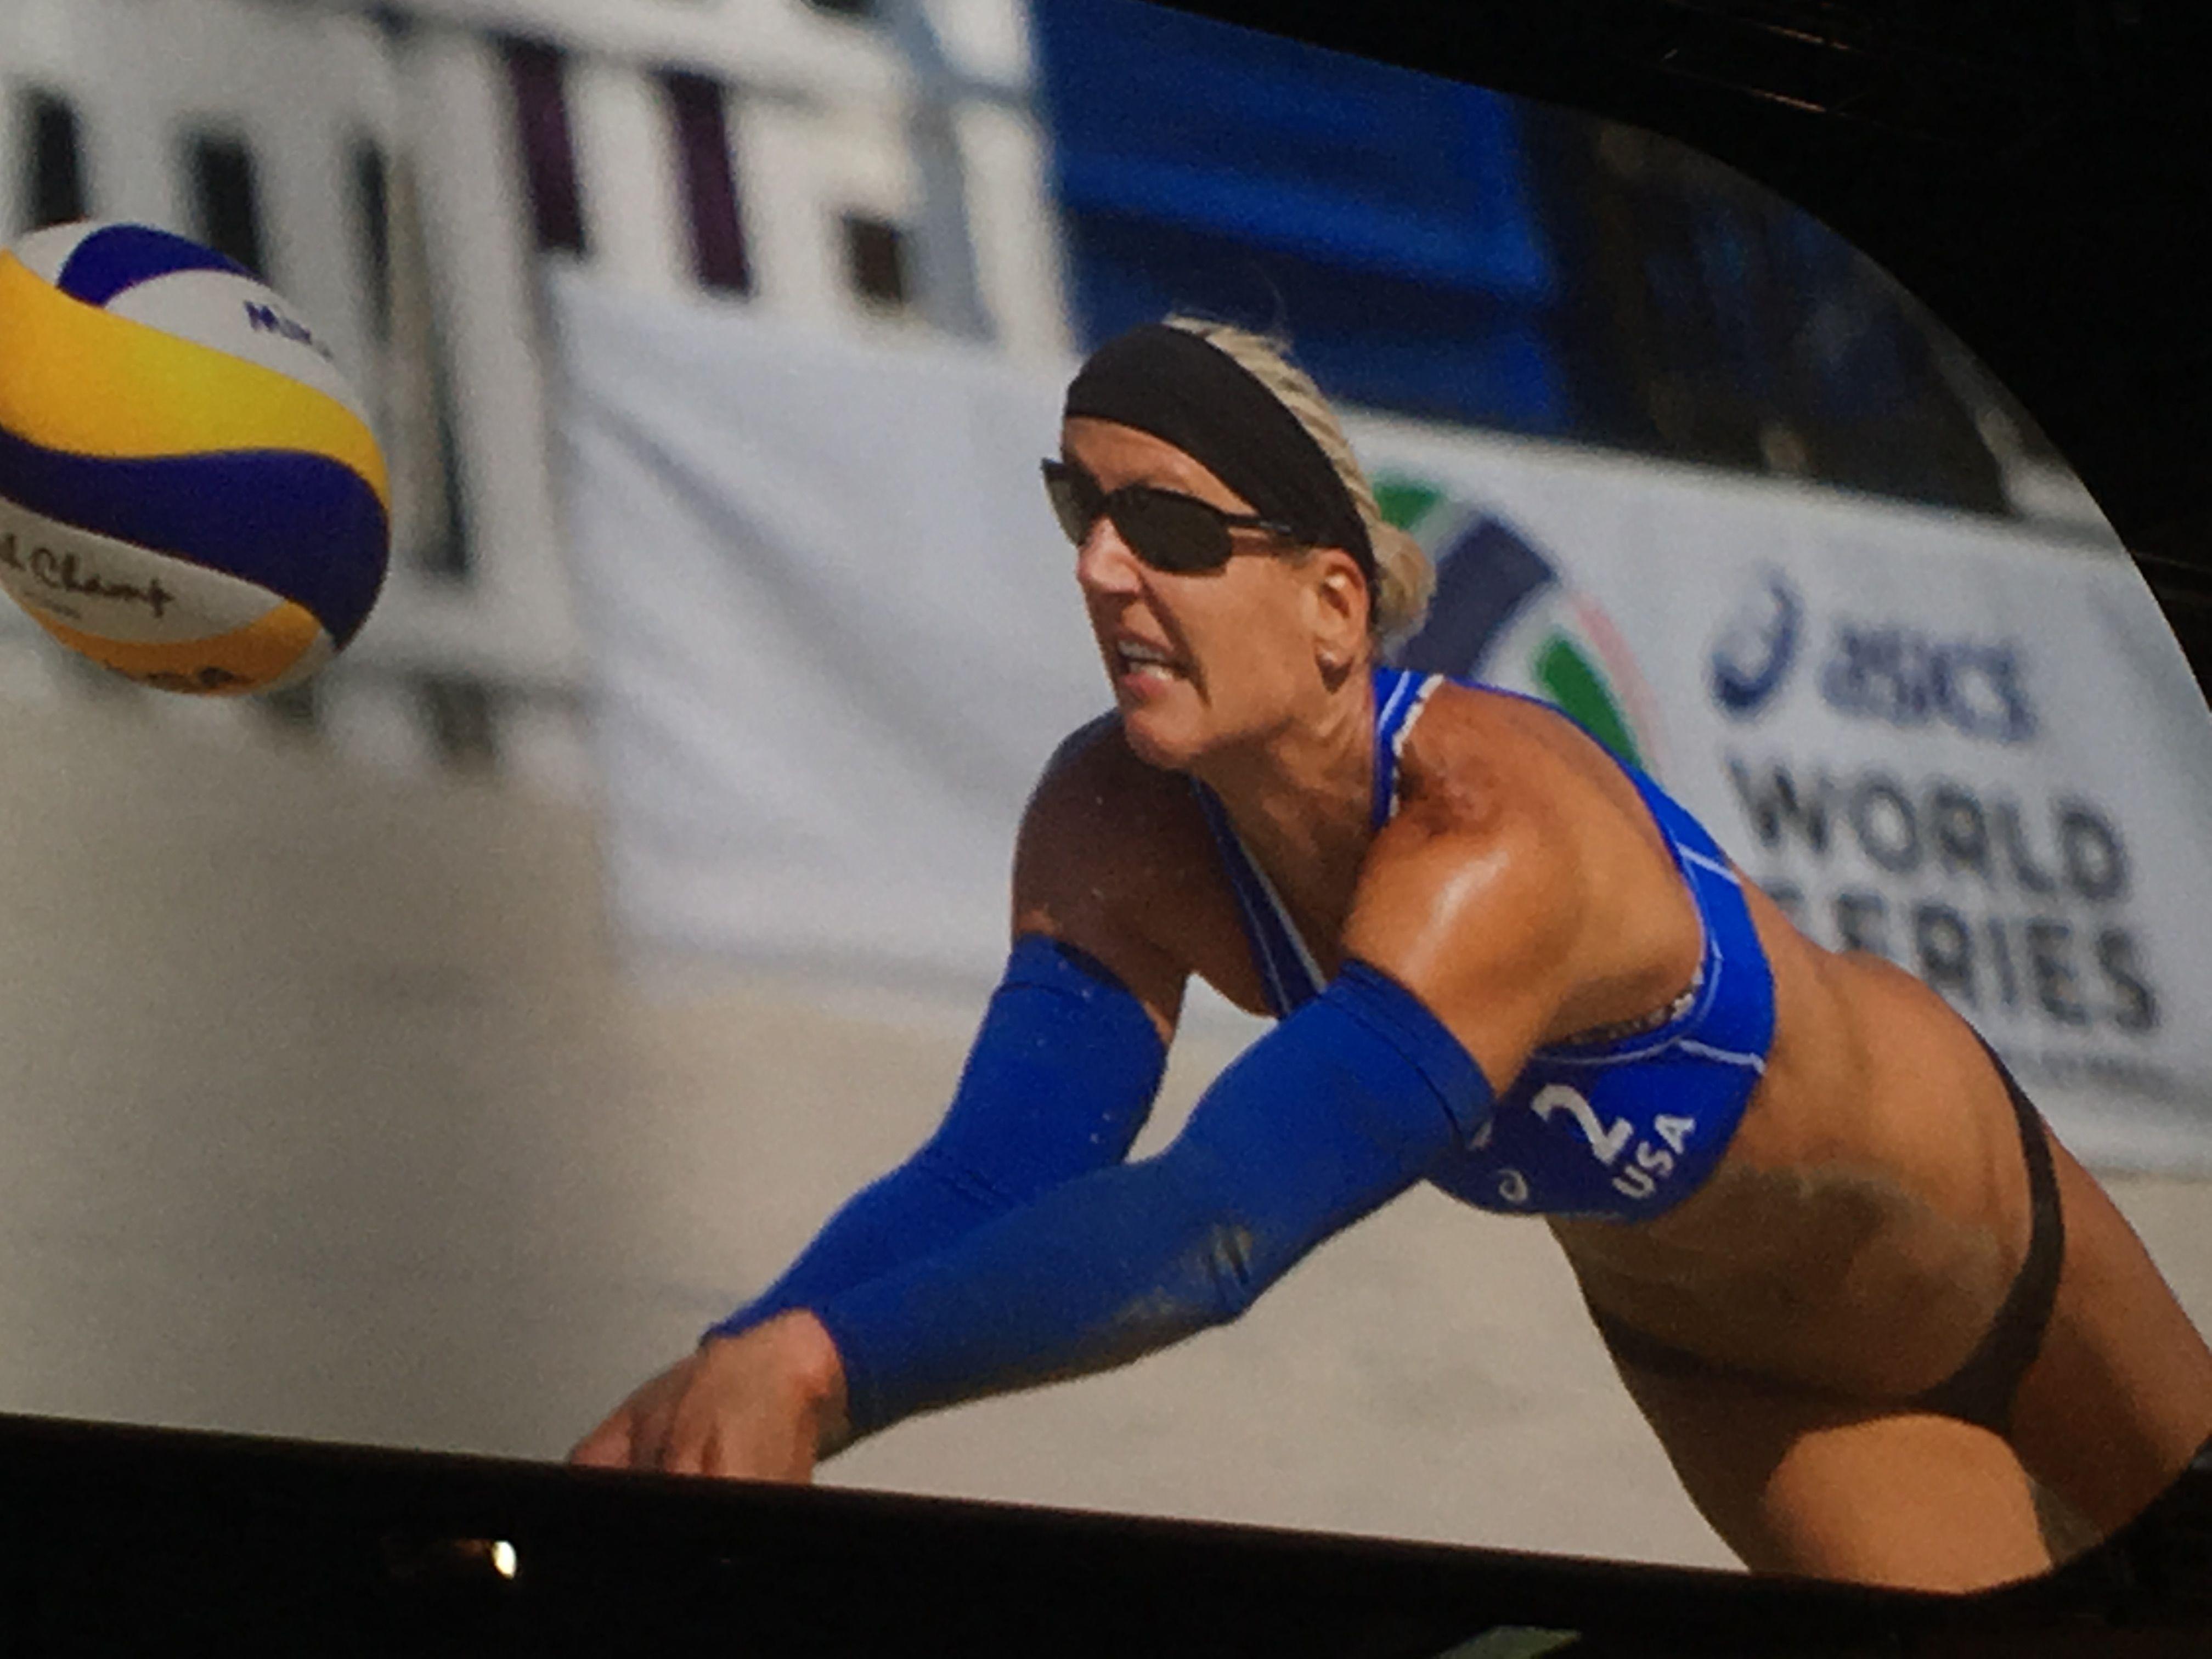 Brittney Hochevar Usa Volleyball Team Usa Volleyball Team Usa Volleyball Volleyball Team